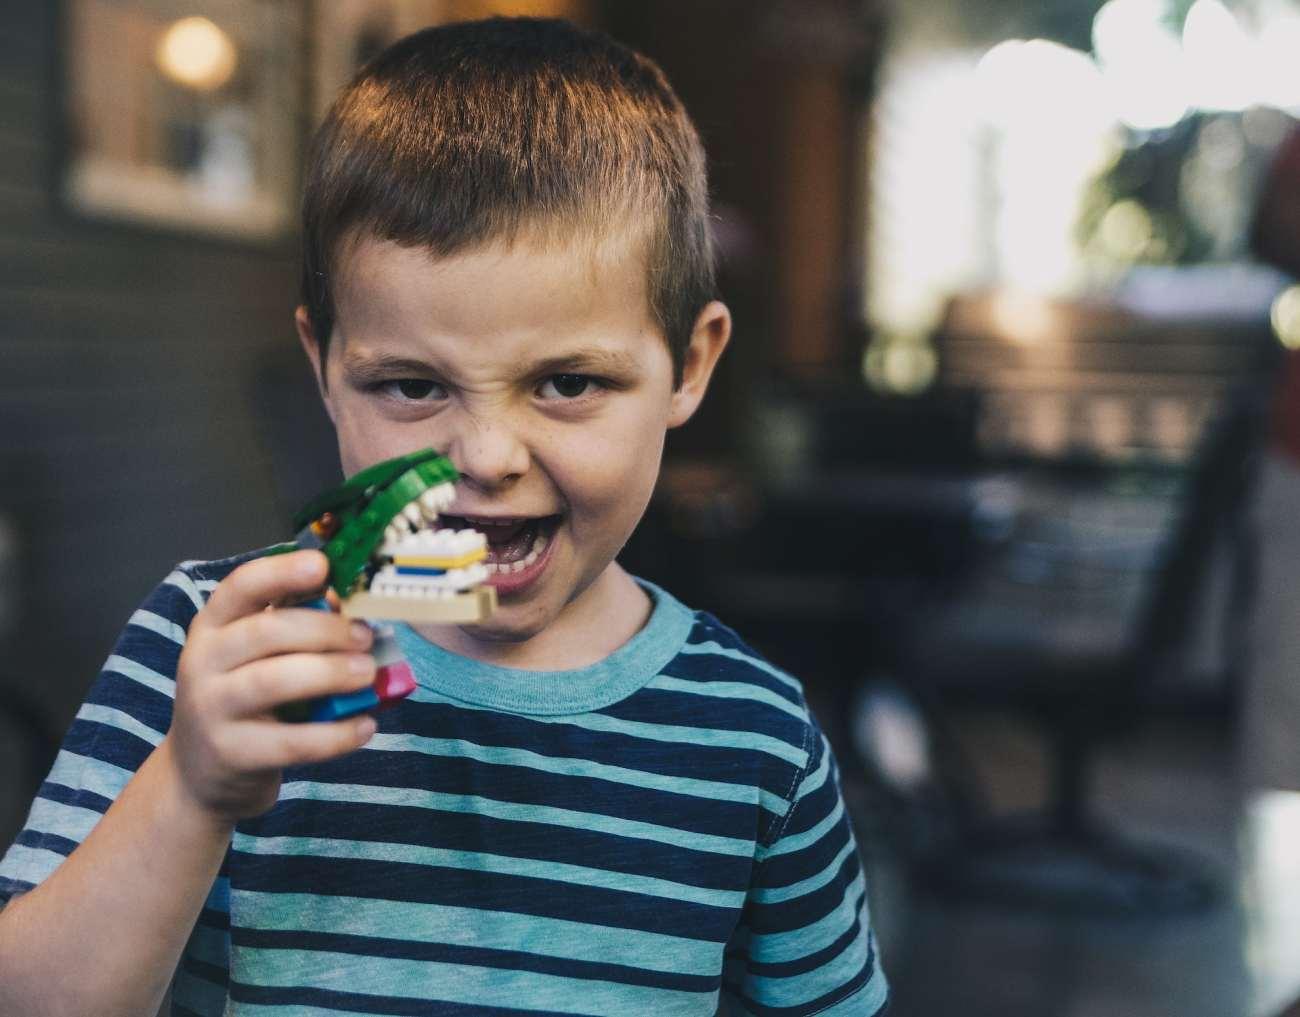 Ragazzino che sostiene set di denti giocattolo.